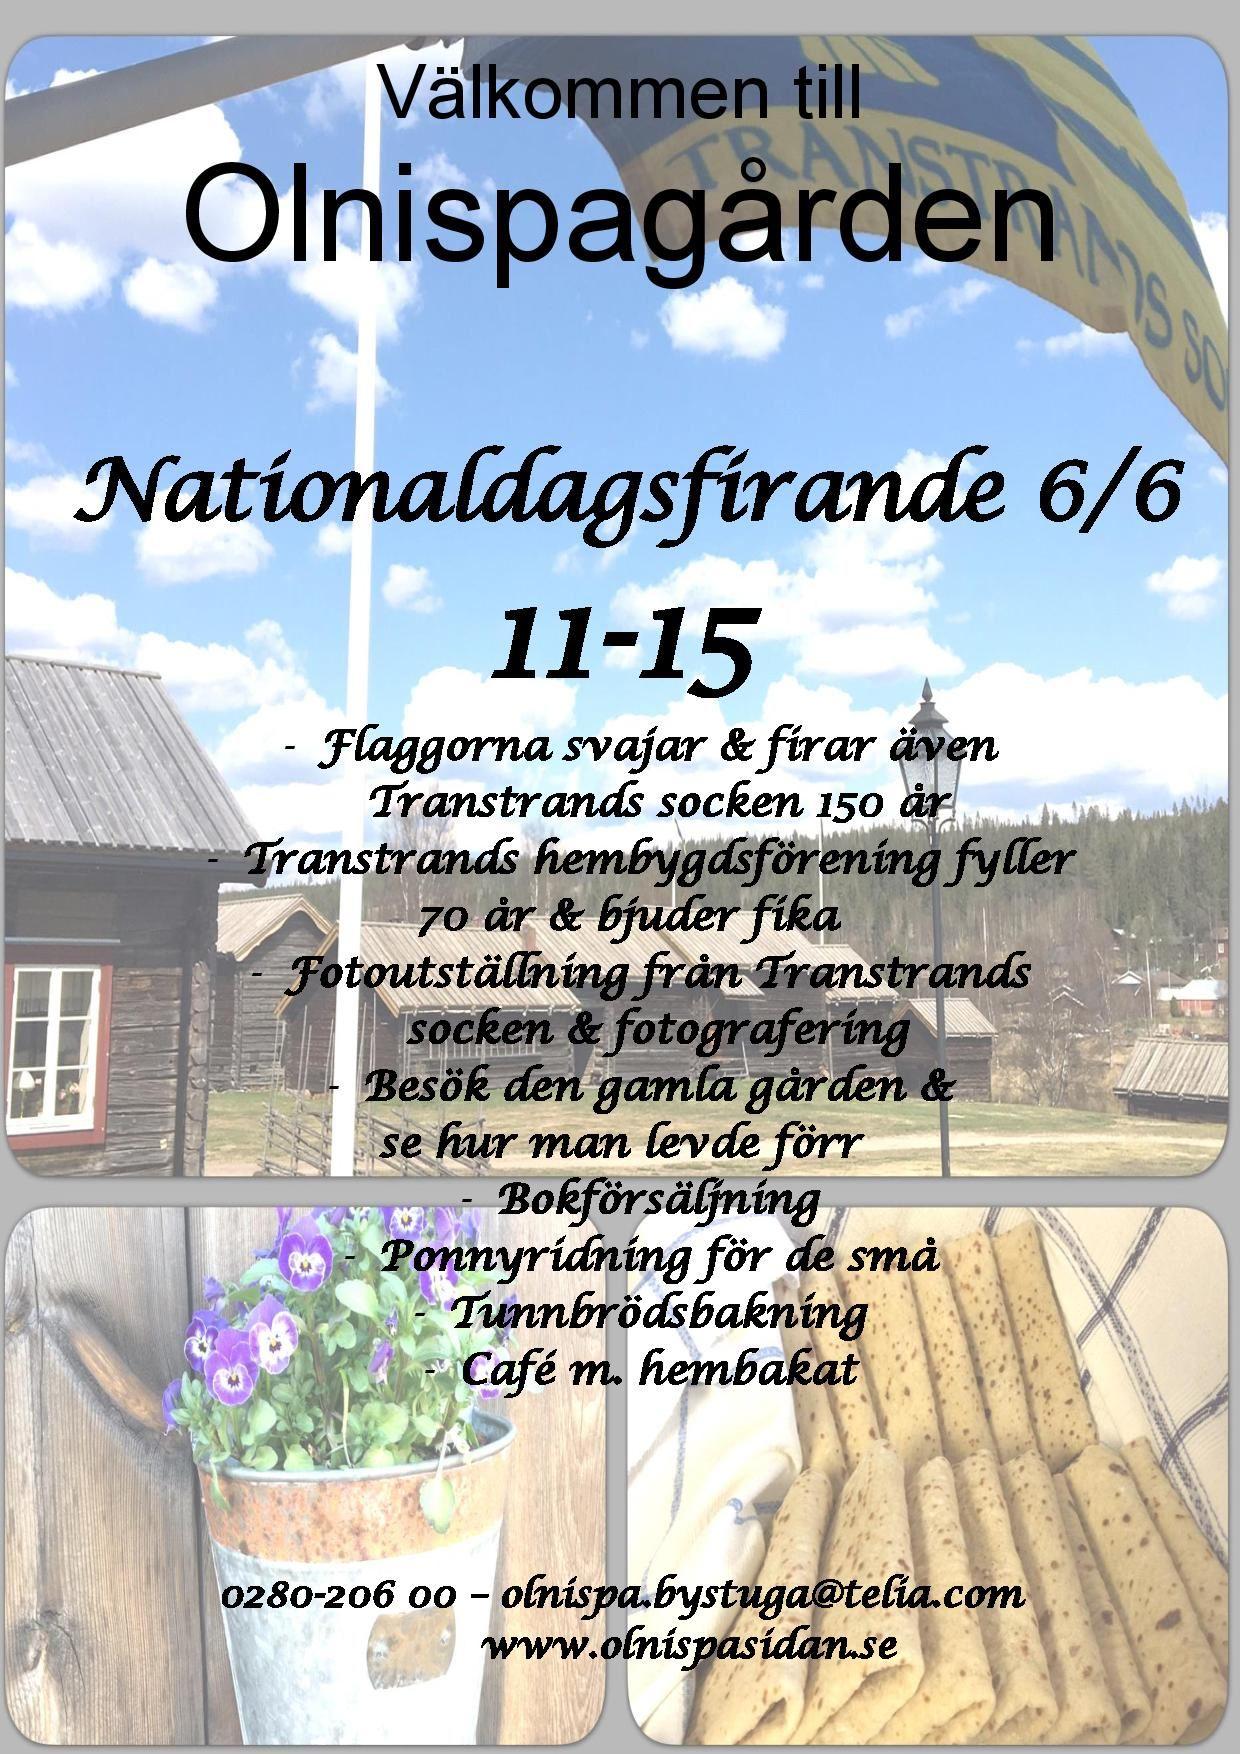 Nationaldagsfirande på Olnispagården i Sälen